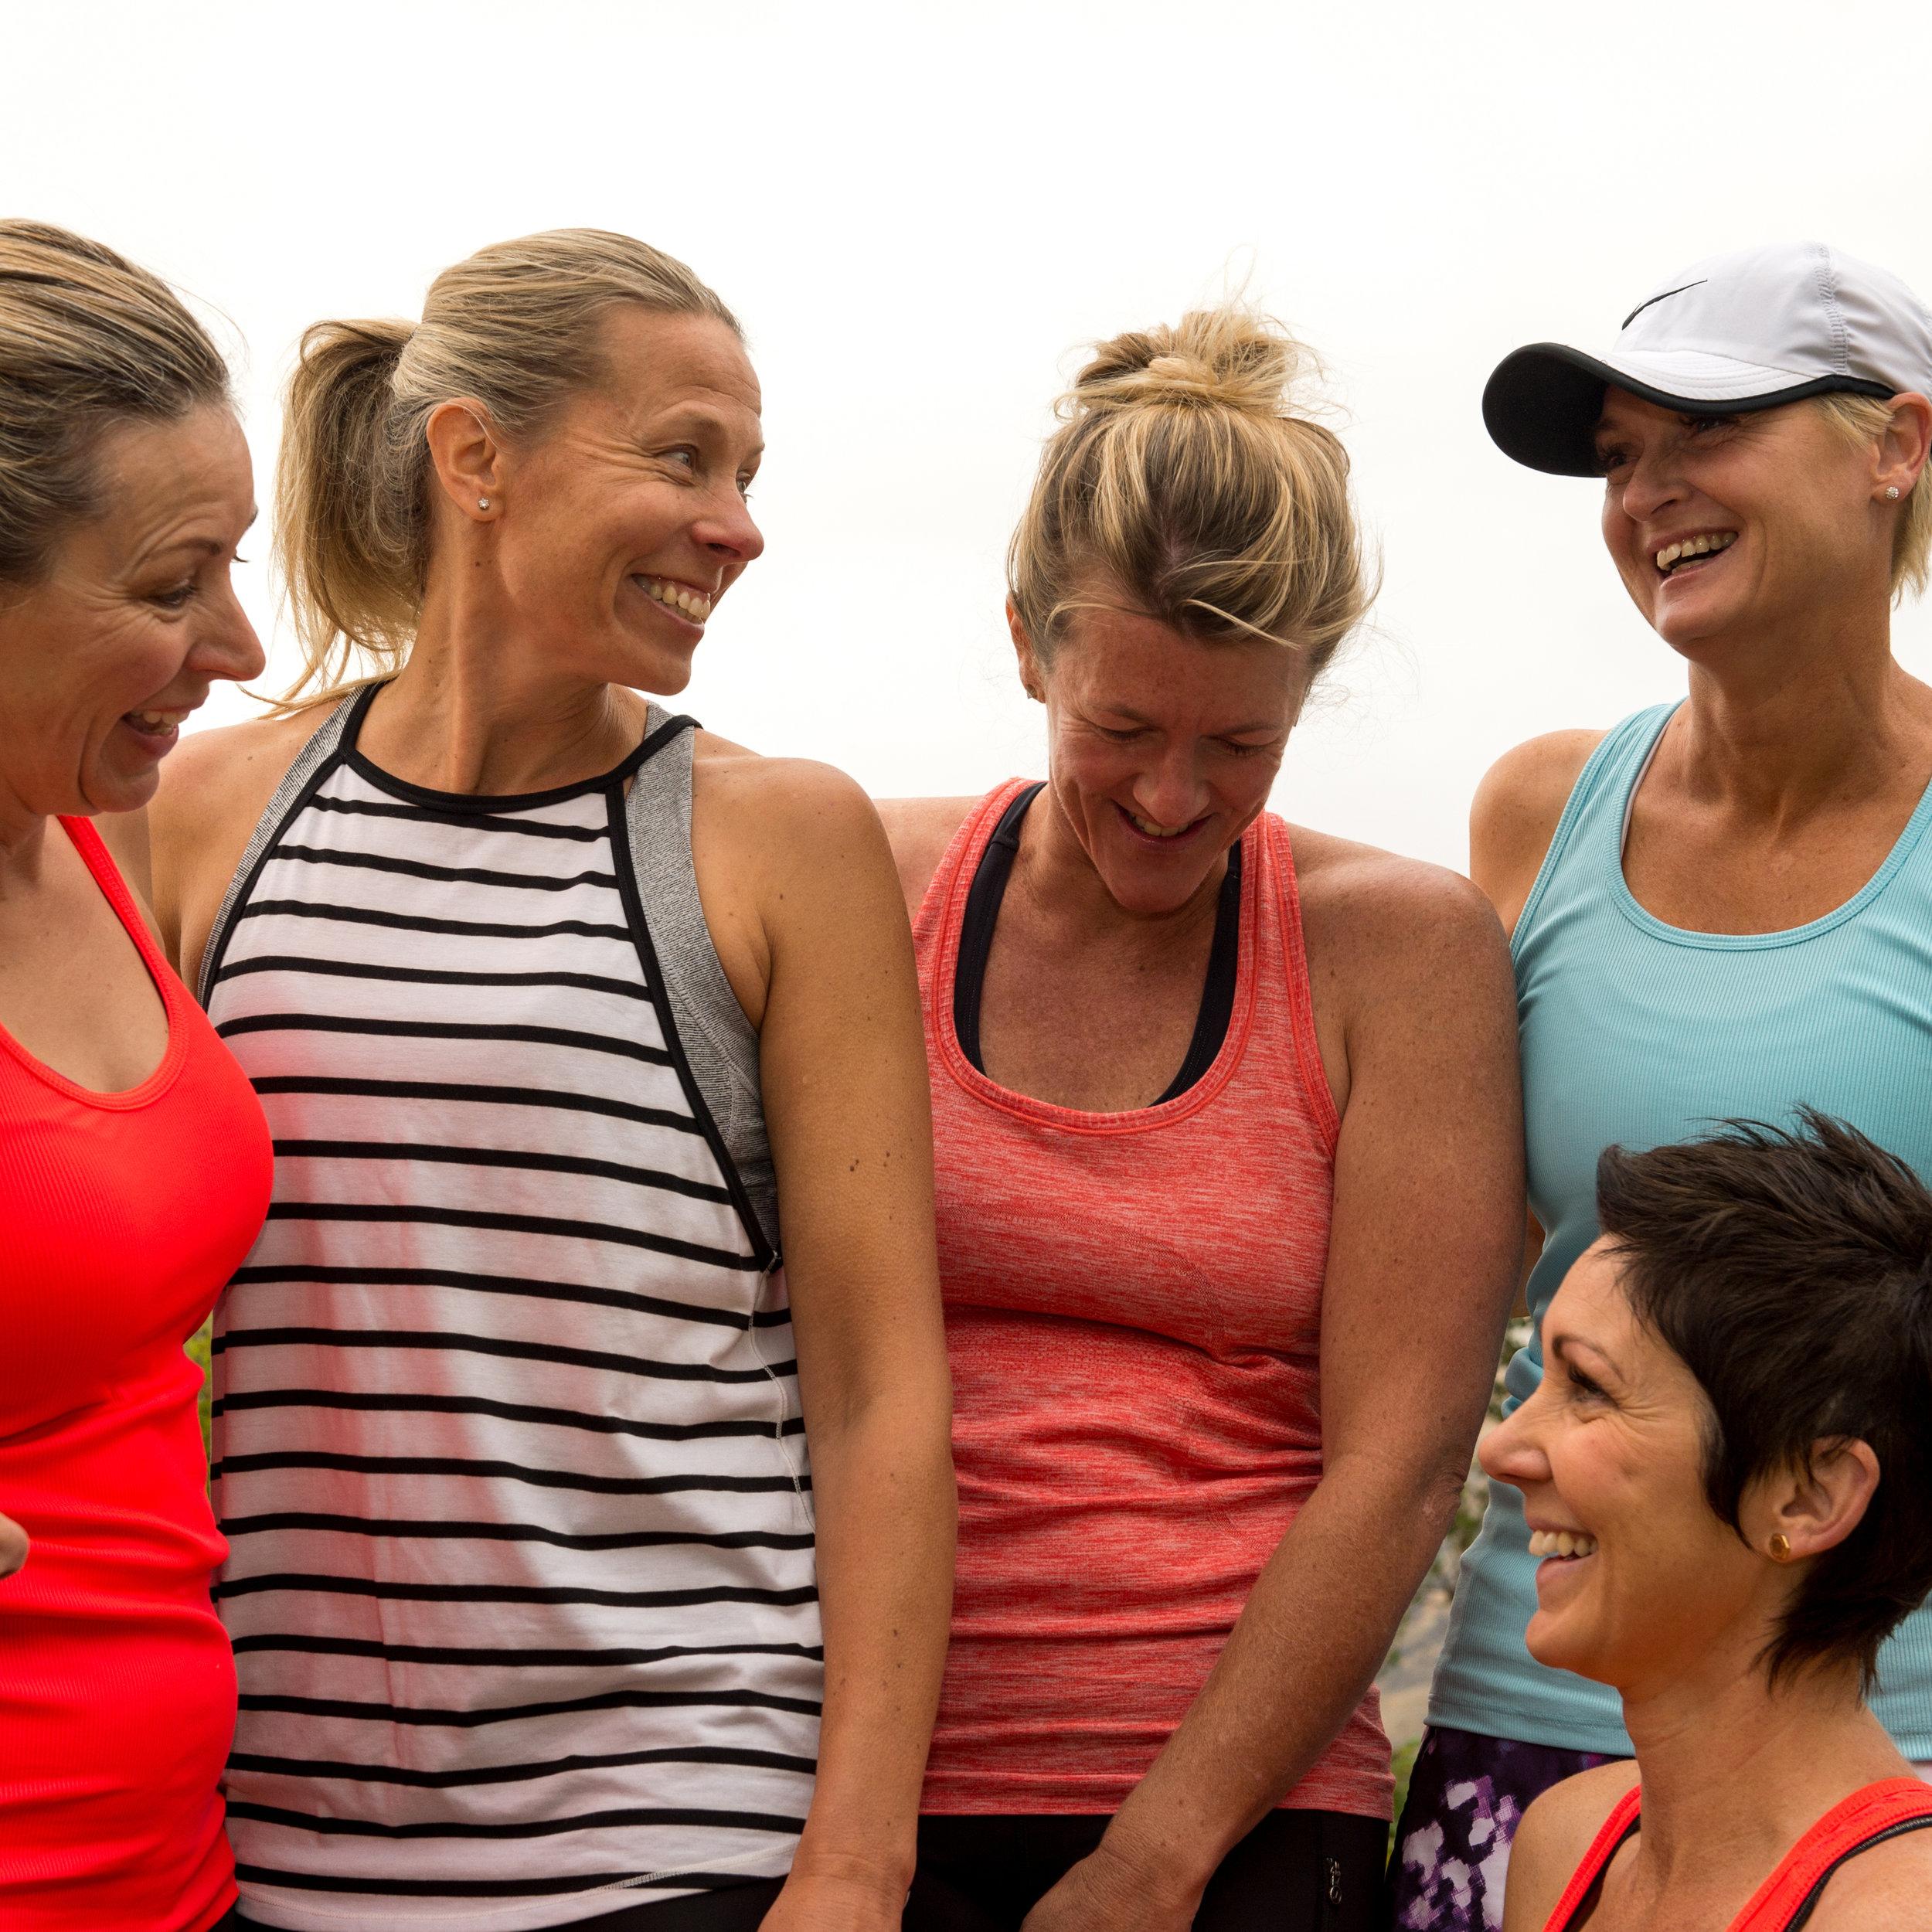 Queenstown_NZ_Womens_Fitness_Classes